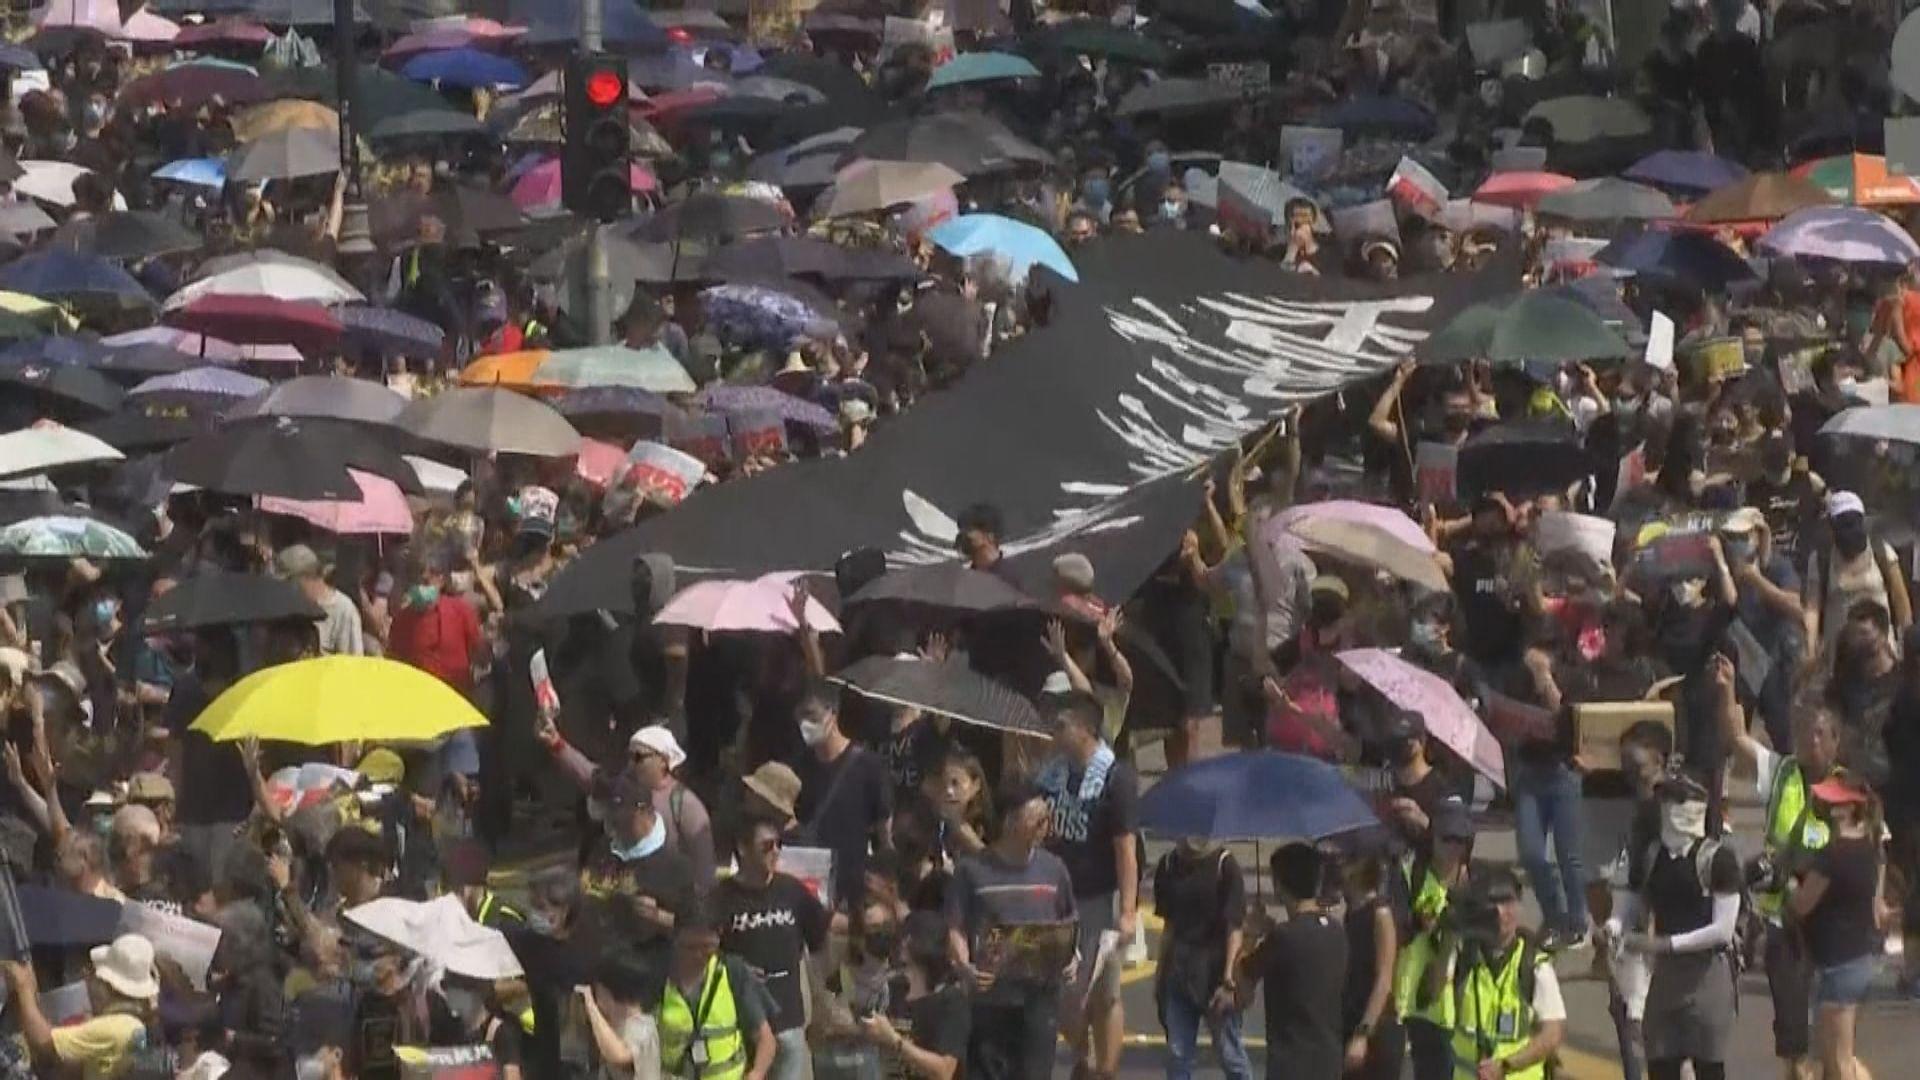 前年十月九龍遊行七人承認組織未經批准集結等罪